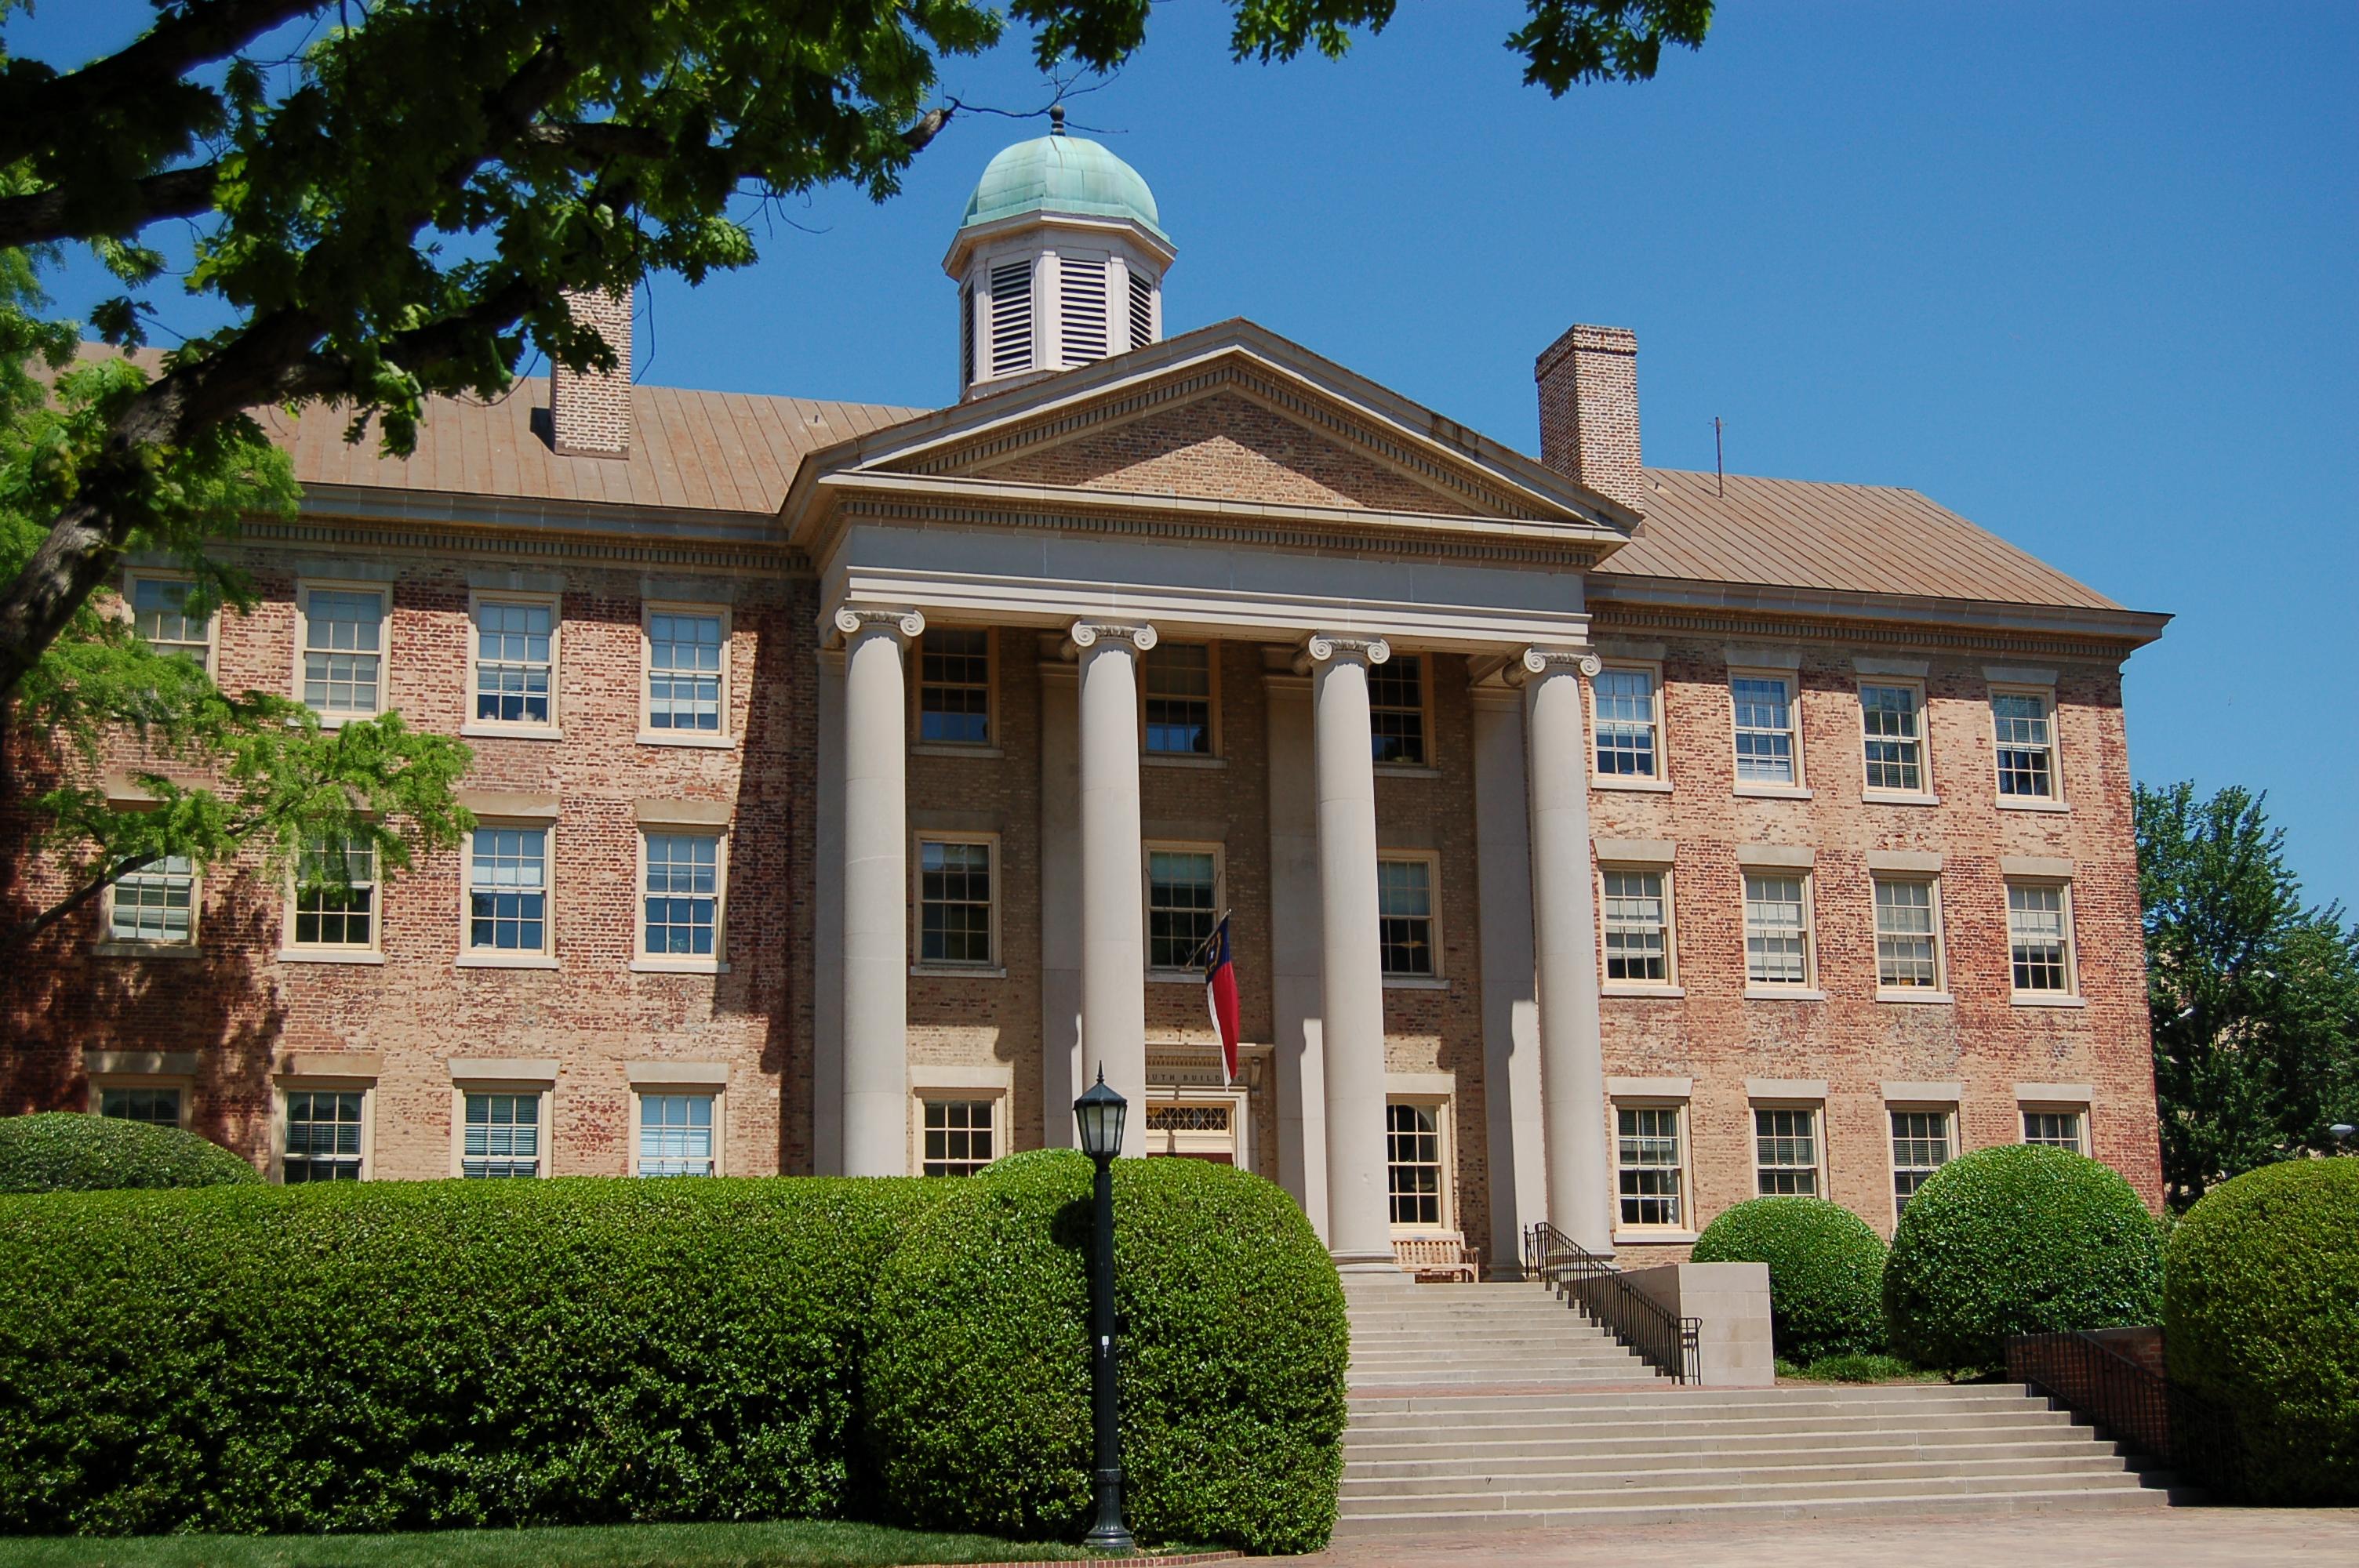 image of University of North Carolina at Chapel Hill